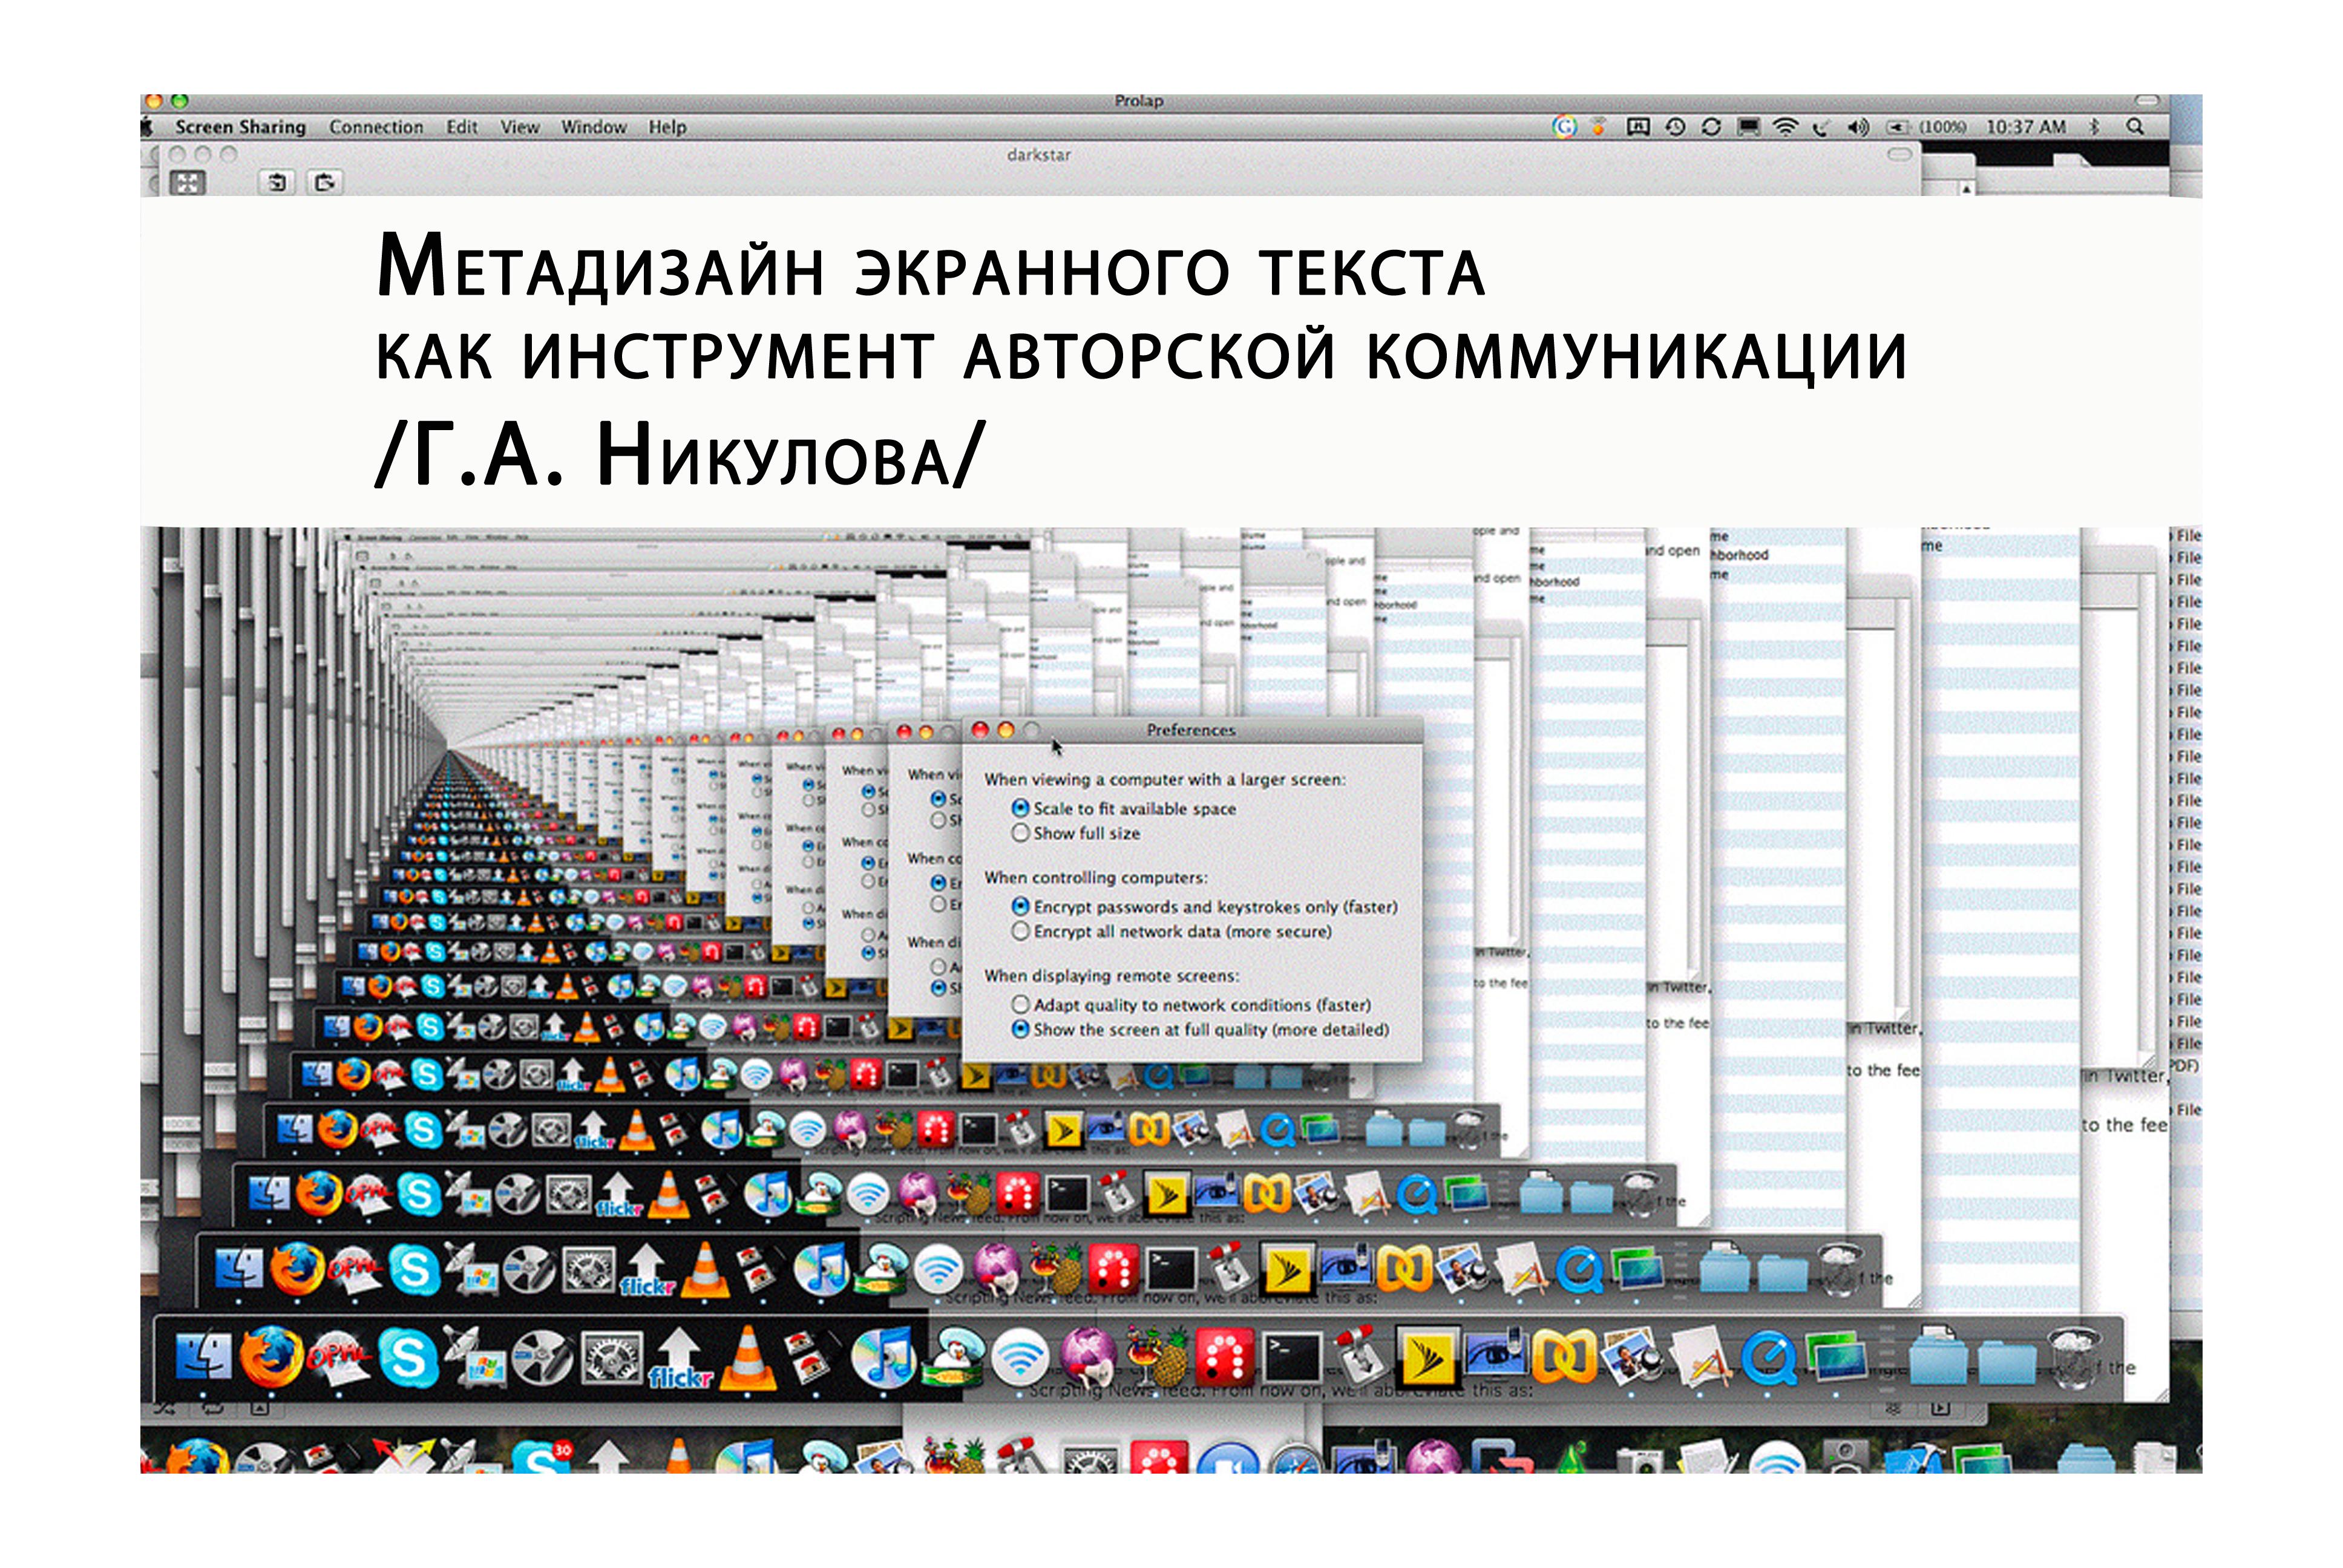 Метадизайн экранного текста